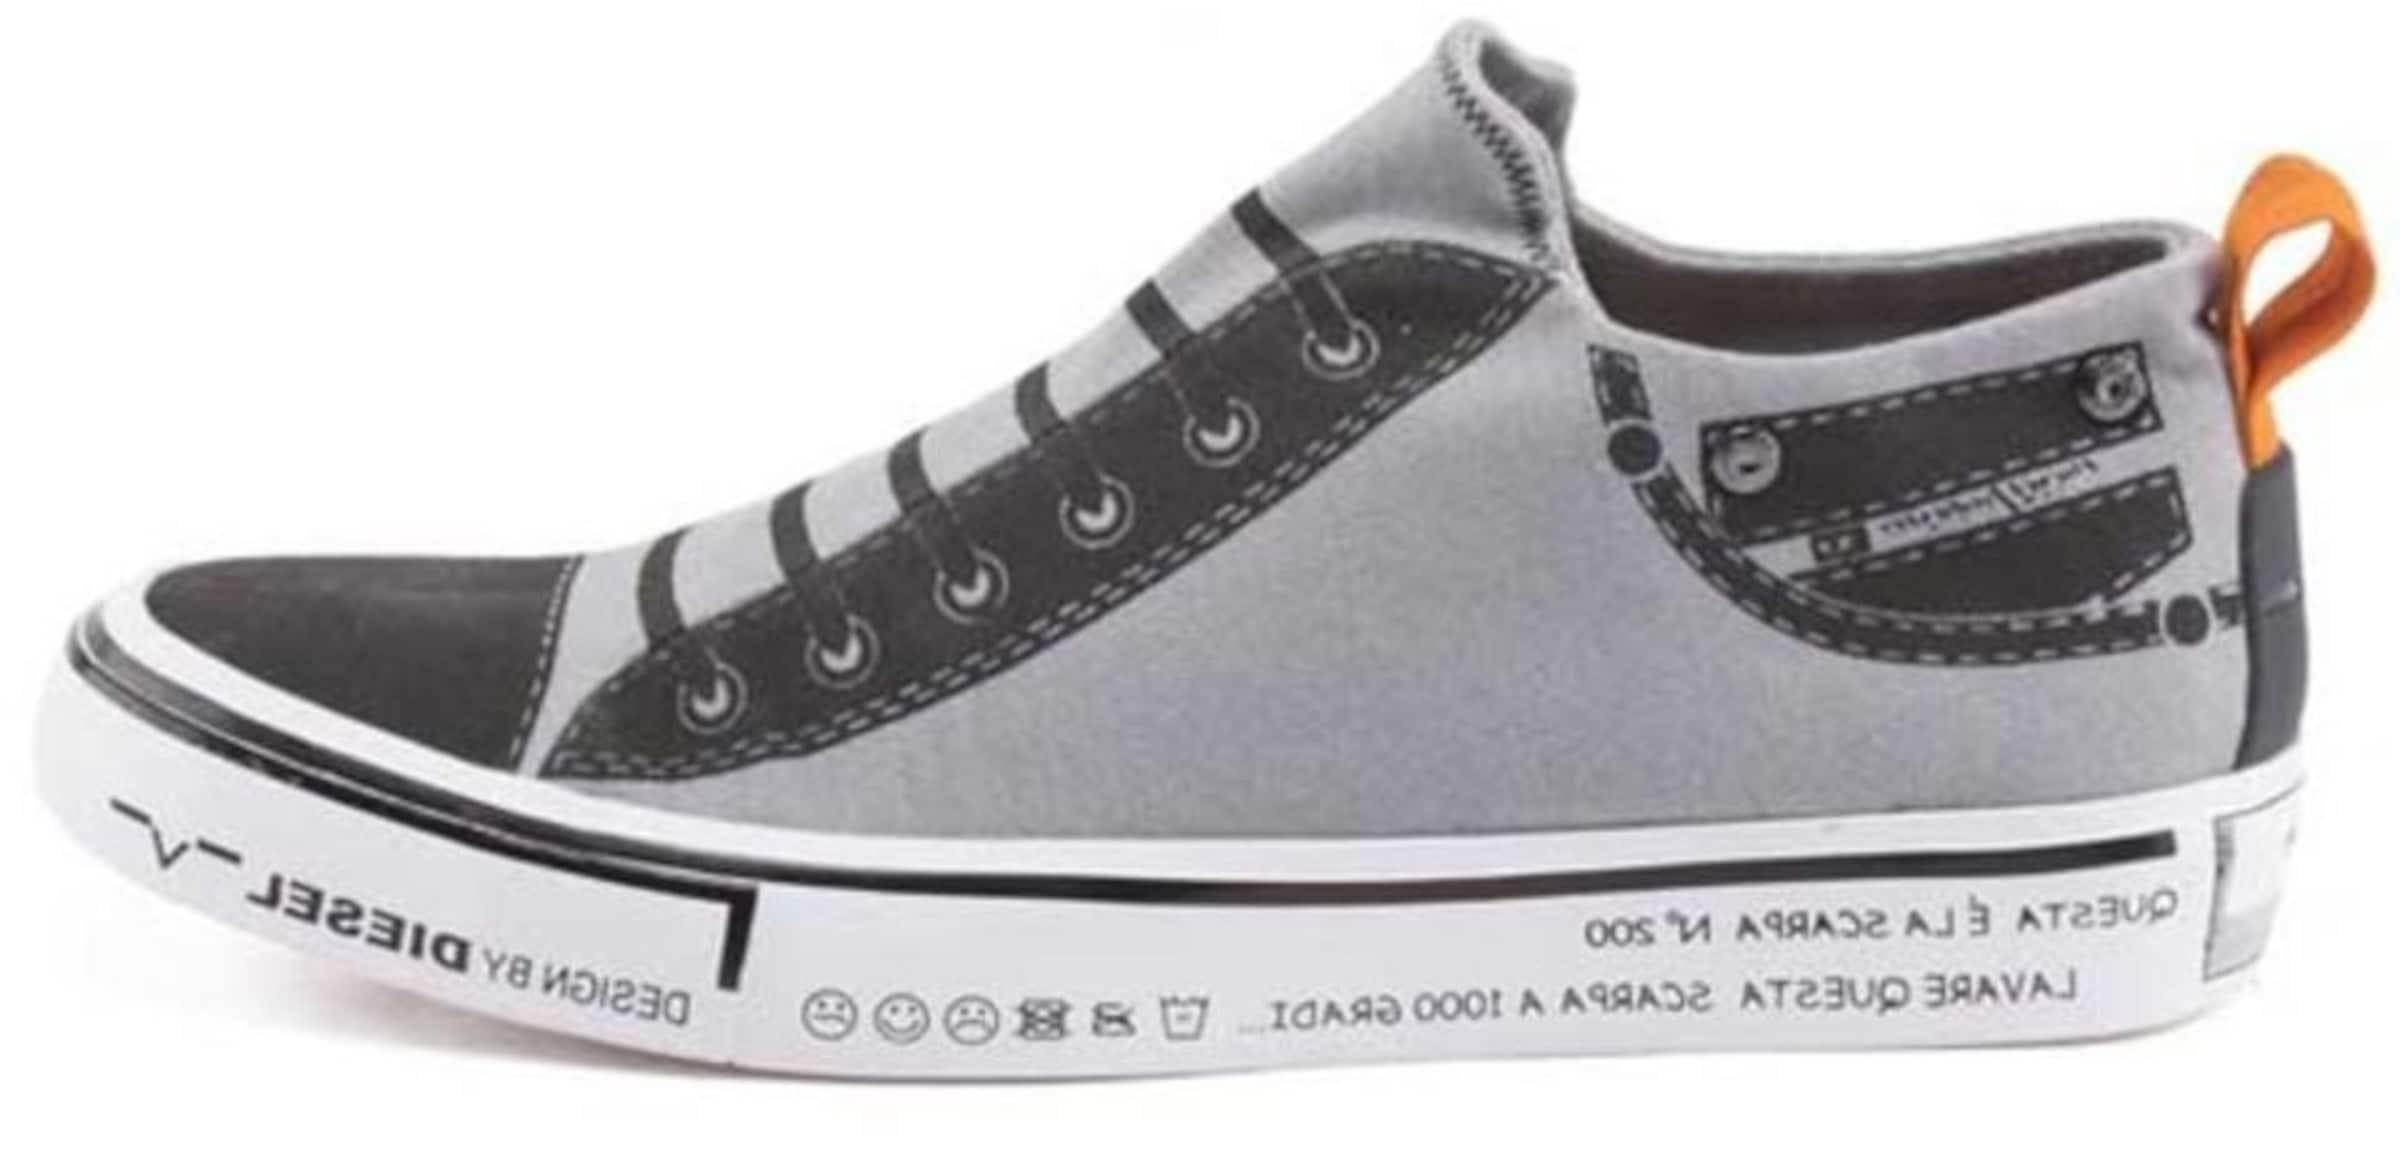 DIESEL Sneaker Imaginee Low Slip On